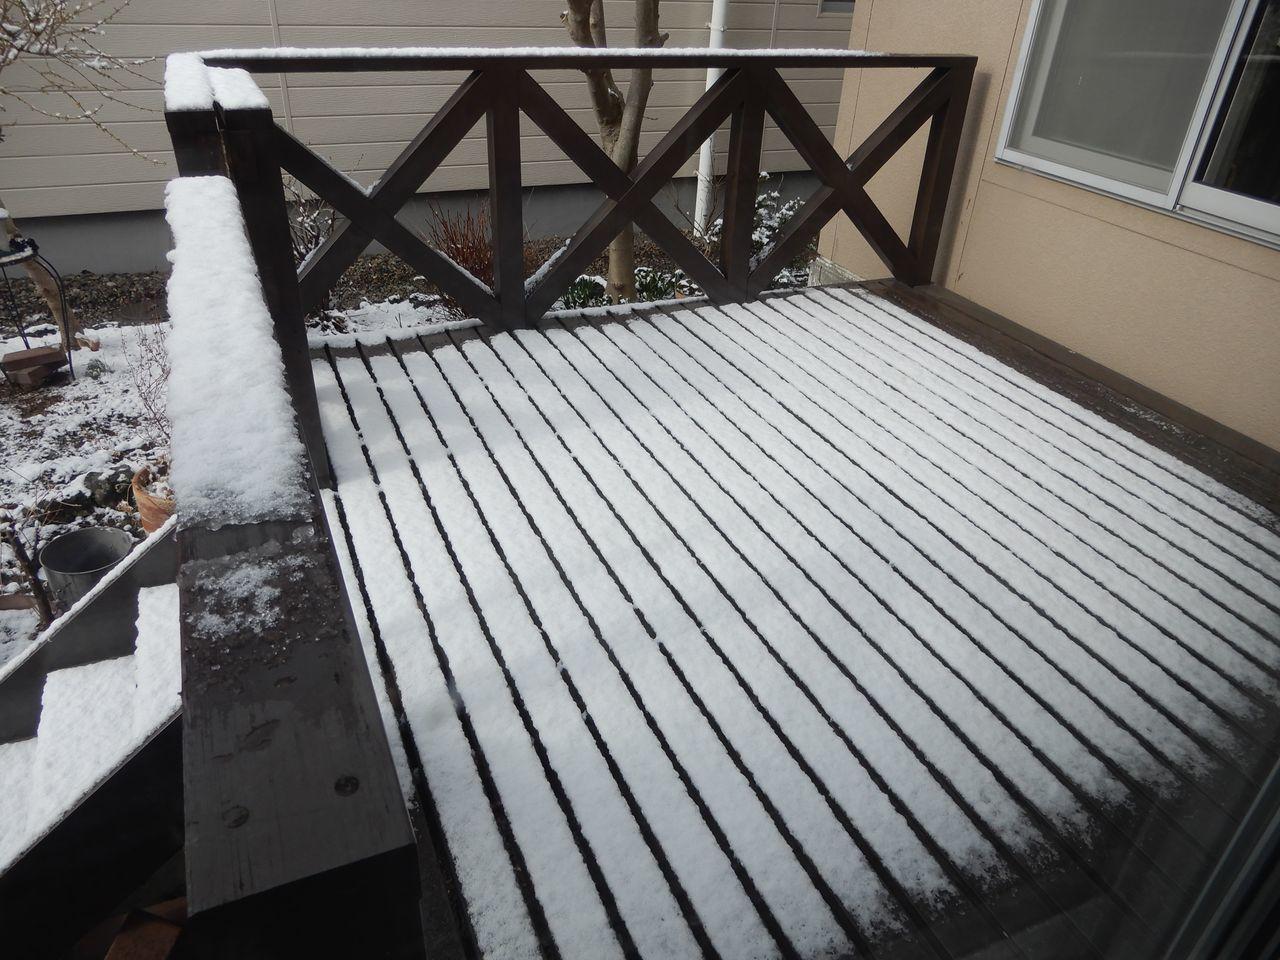 朝だけ戻ってきた冬景色_c0025115_21262672.jpg